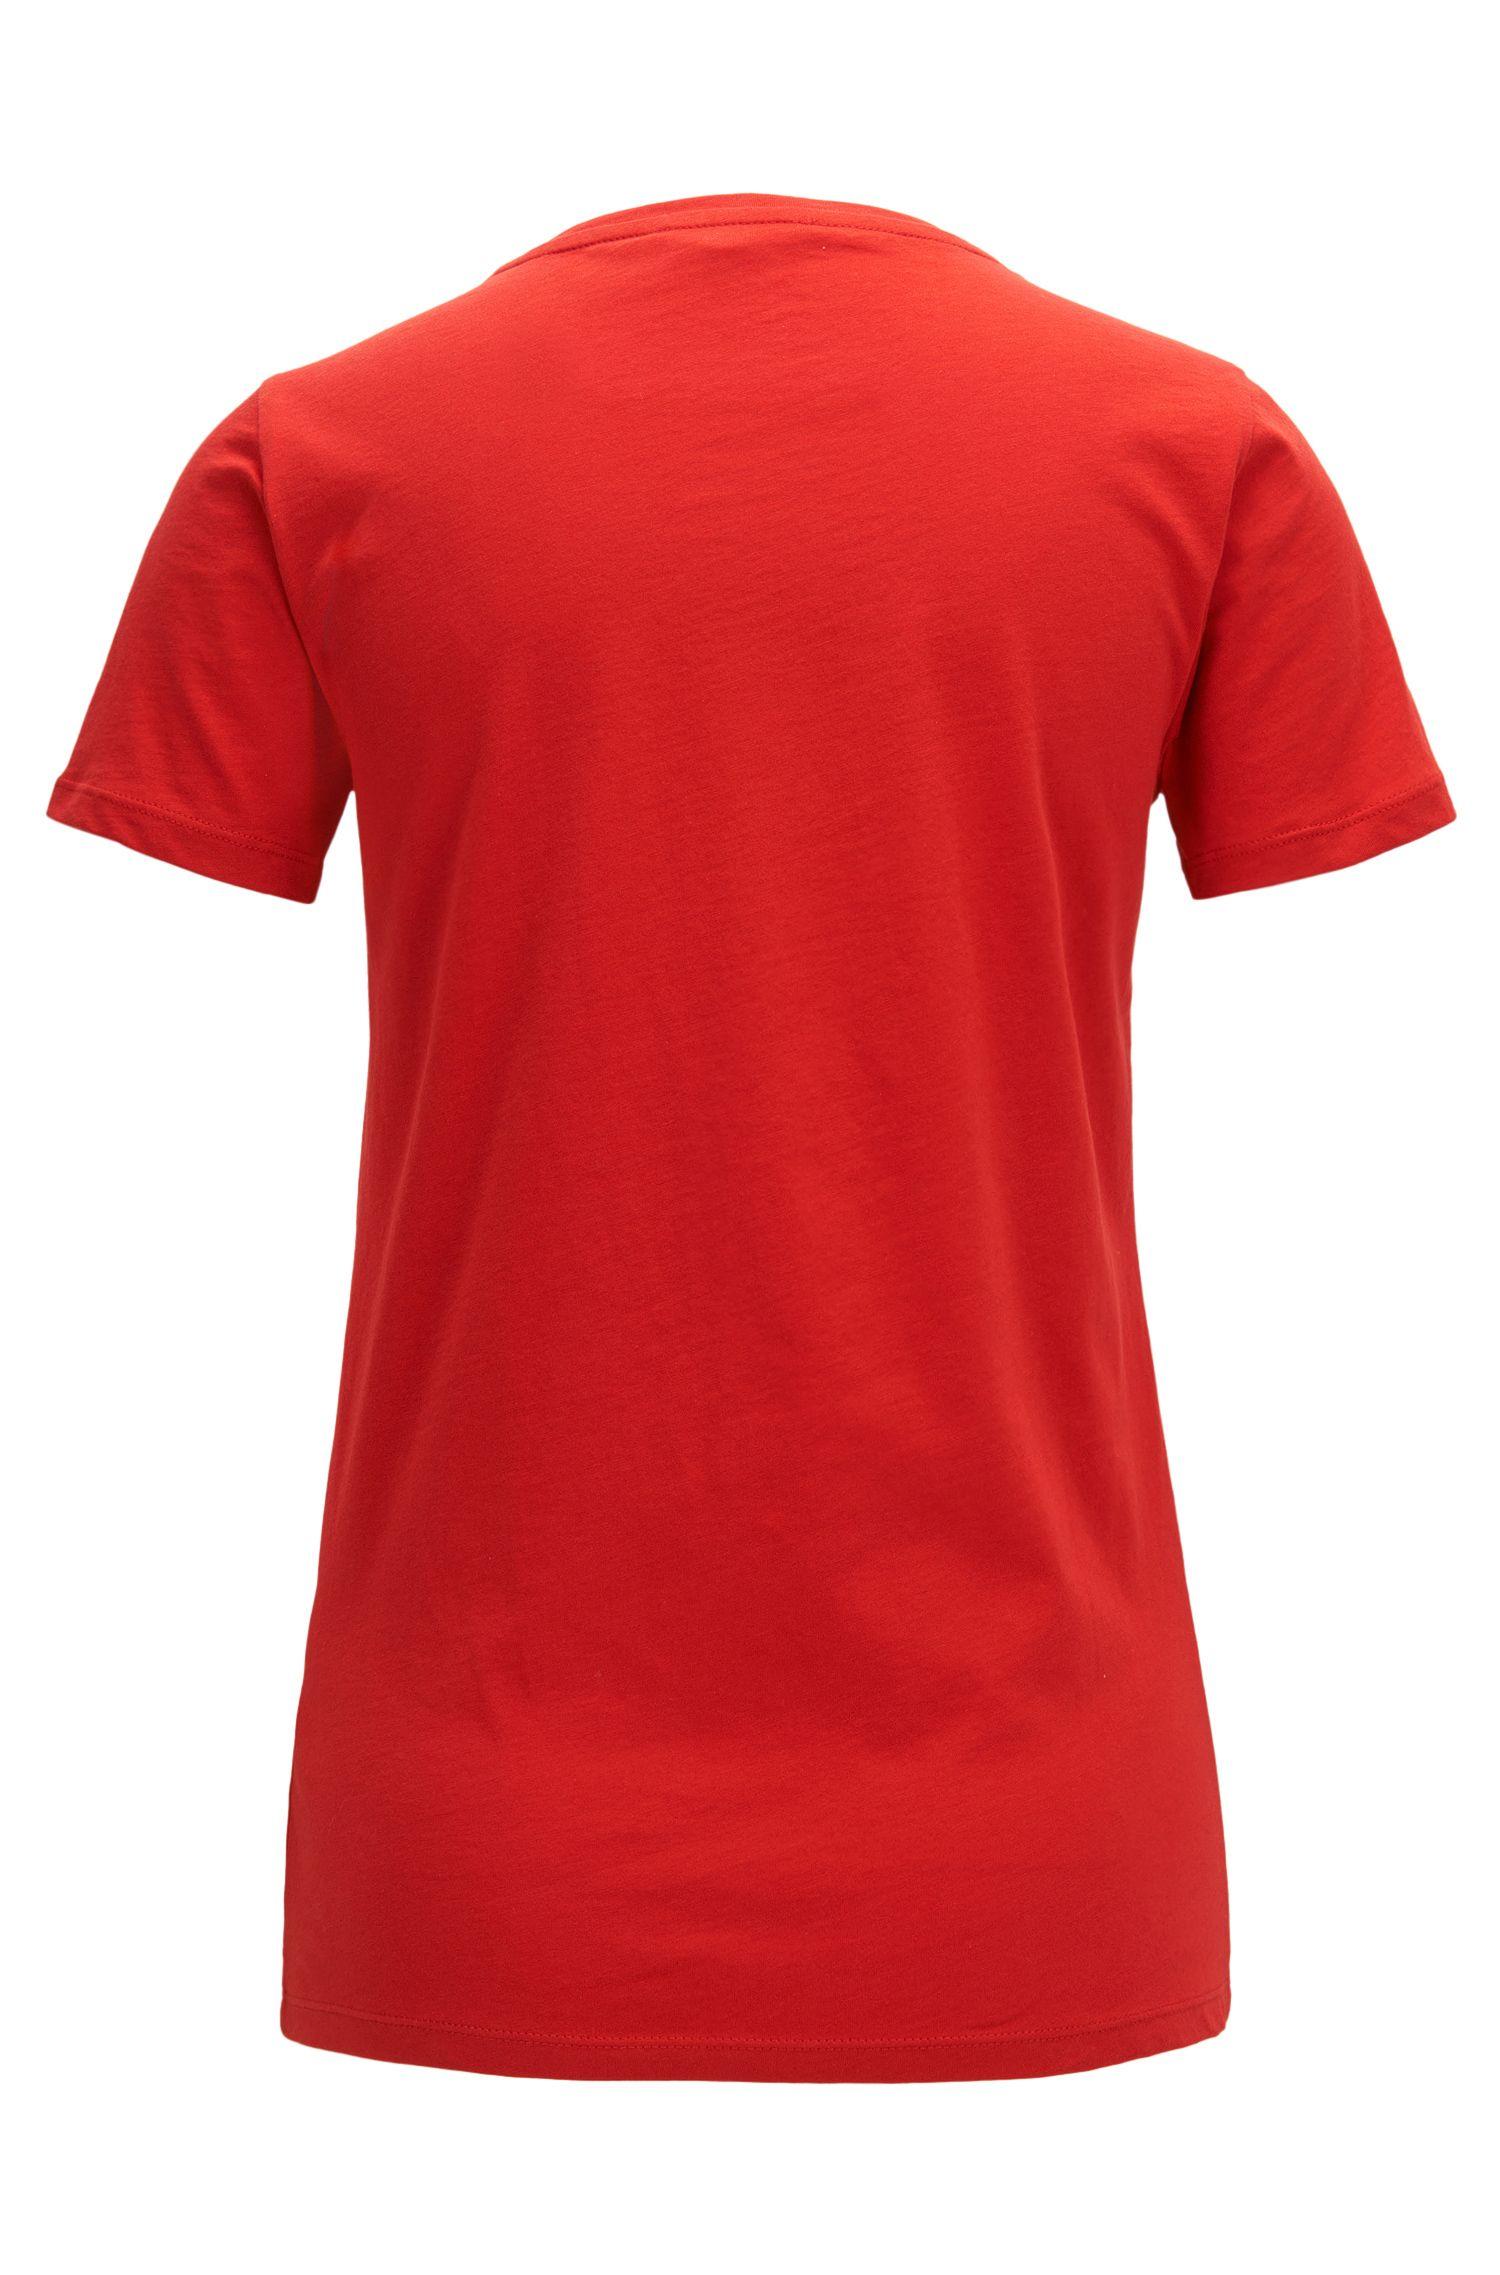 T-shirt Slim Fit en coton à imprimé emblème